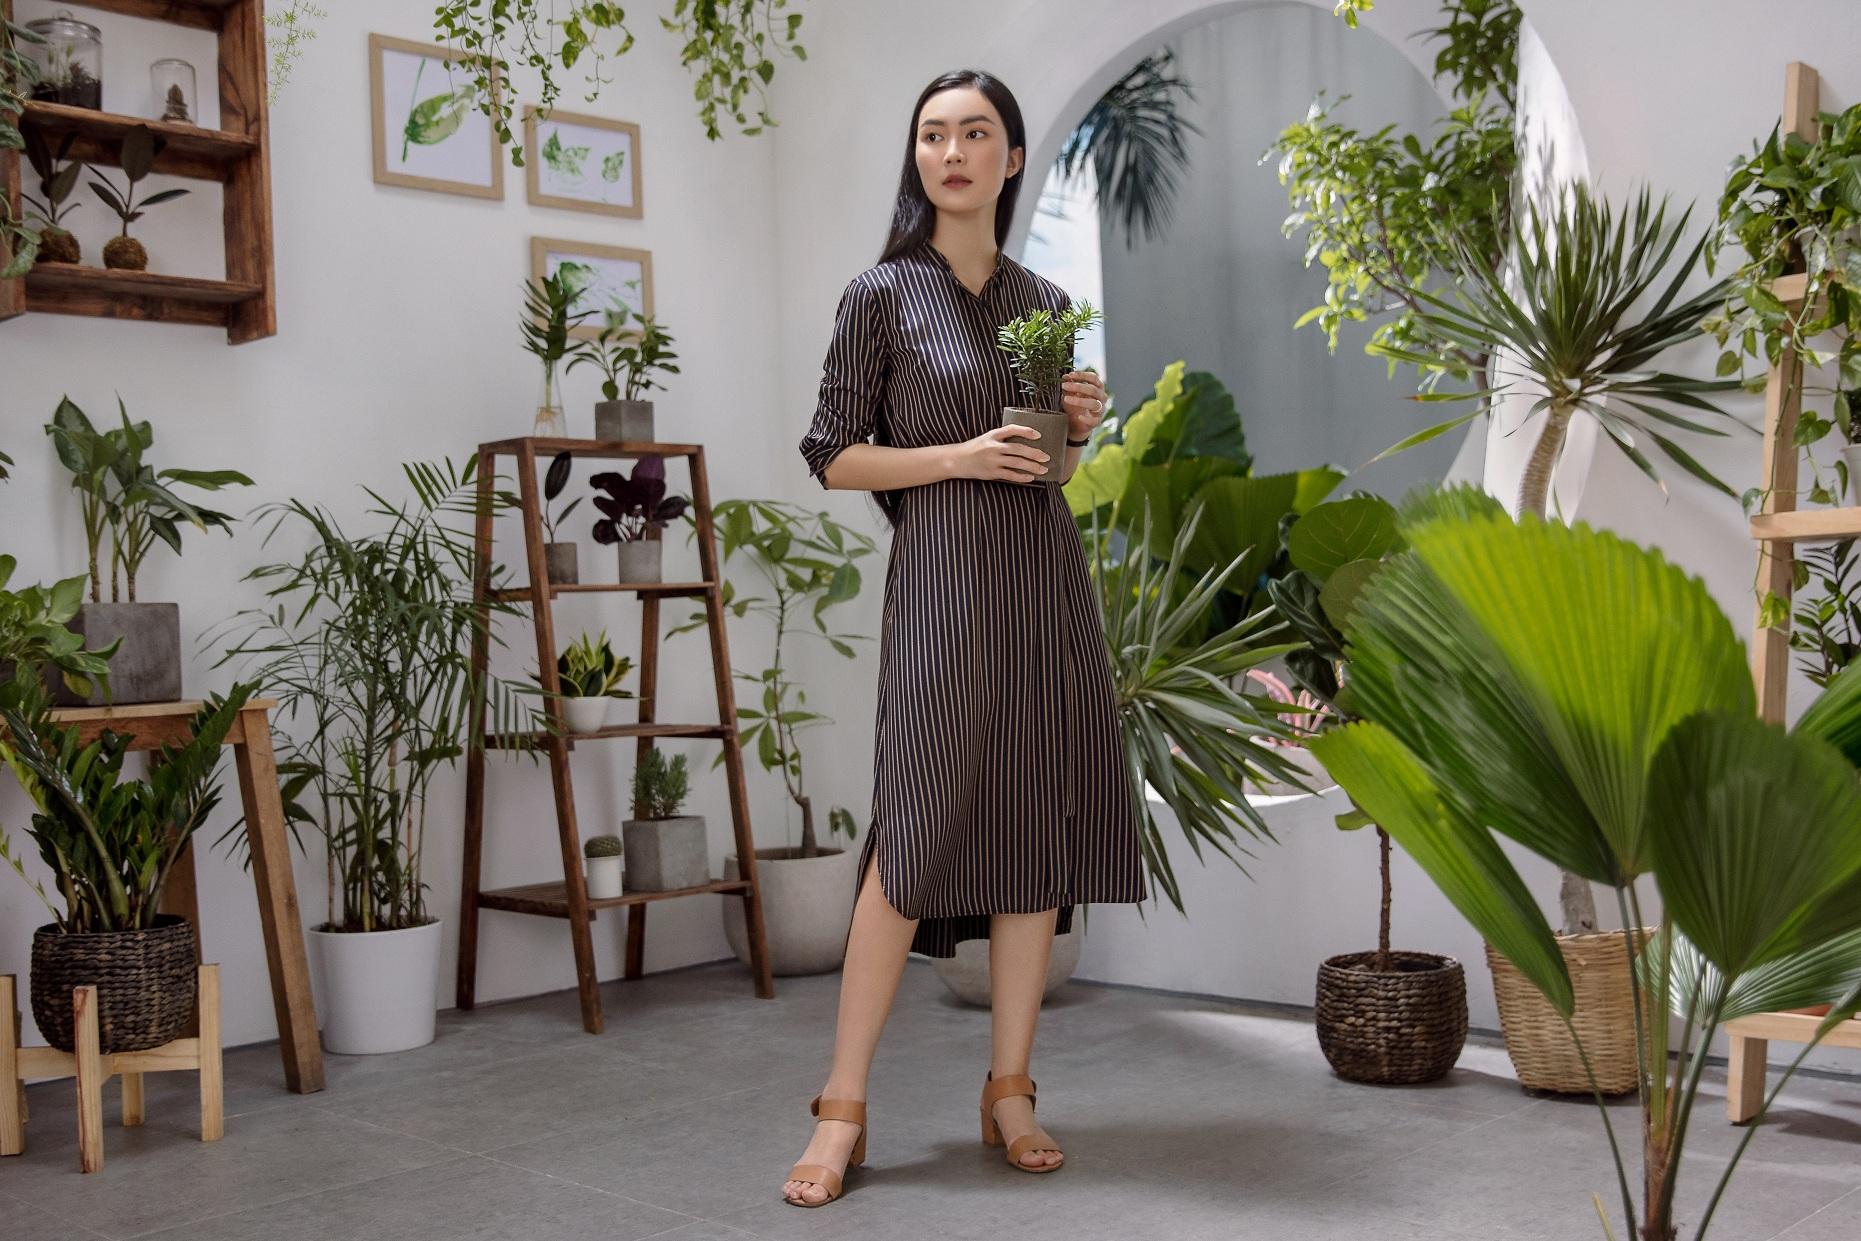 Cửa hàng UNIQLO đầu tiên tại Việt Nam khai trương ngày 6/12 1